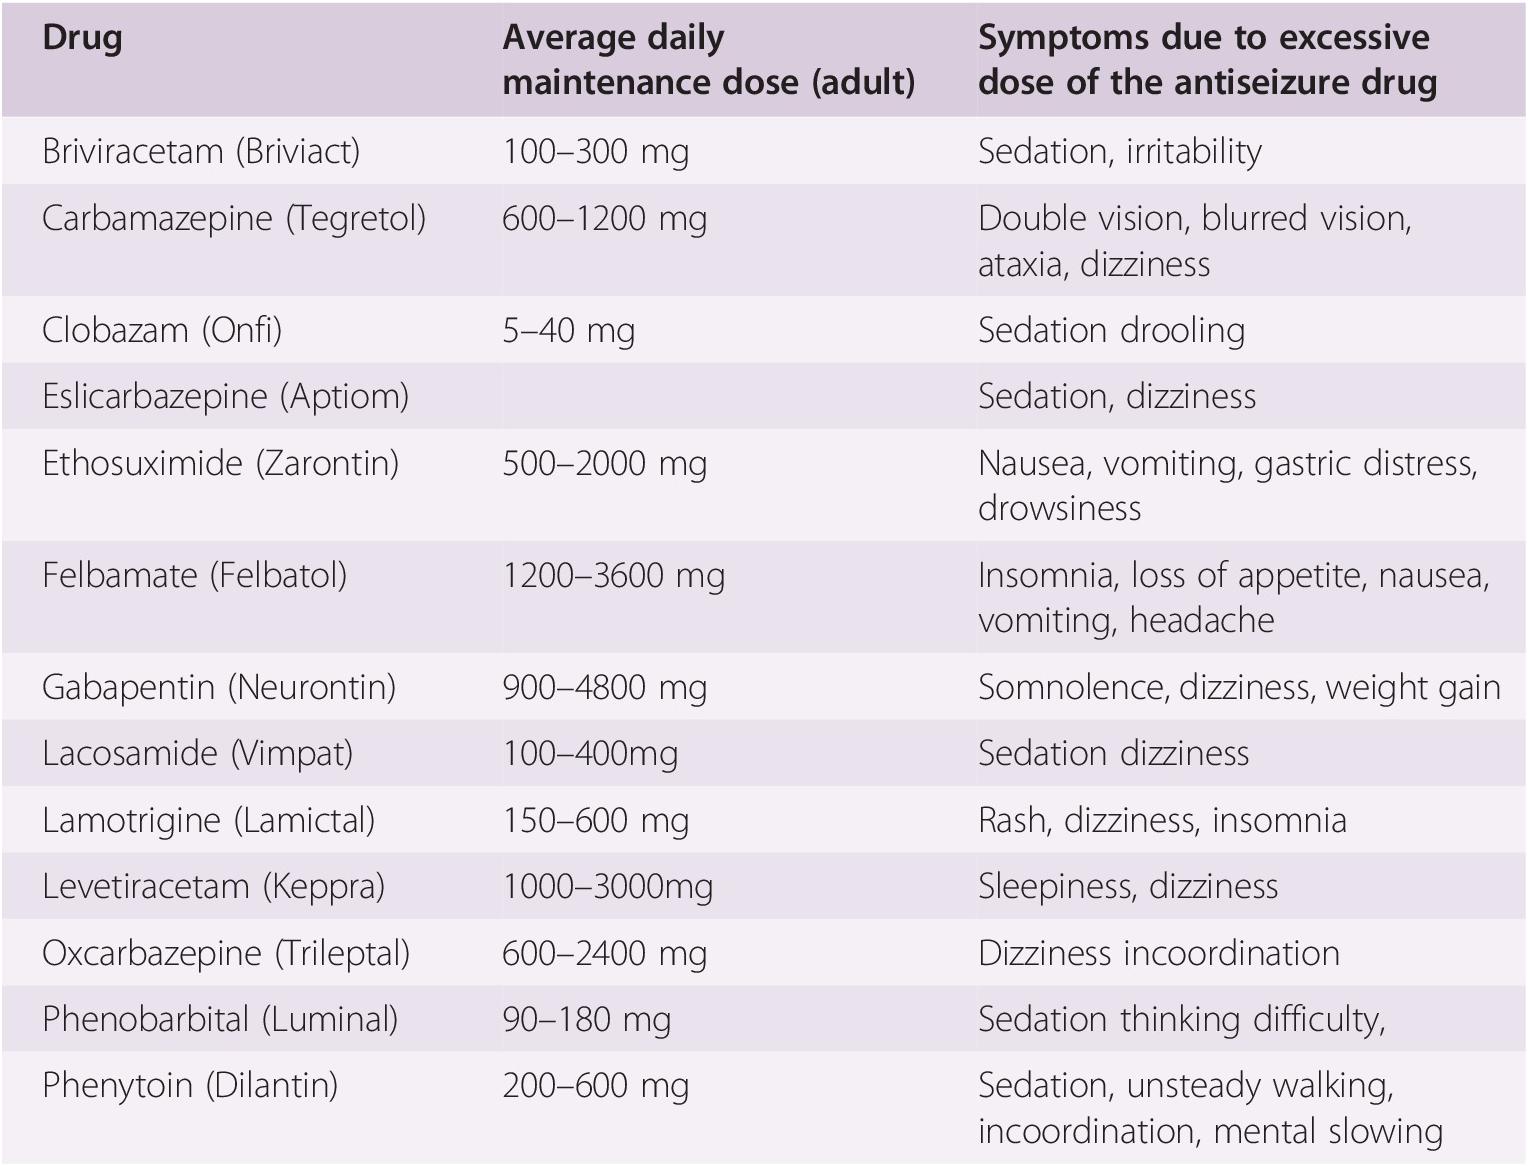 doxycycline mrsa